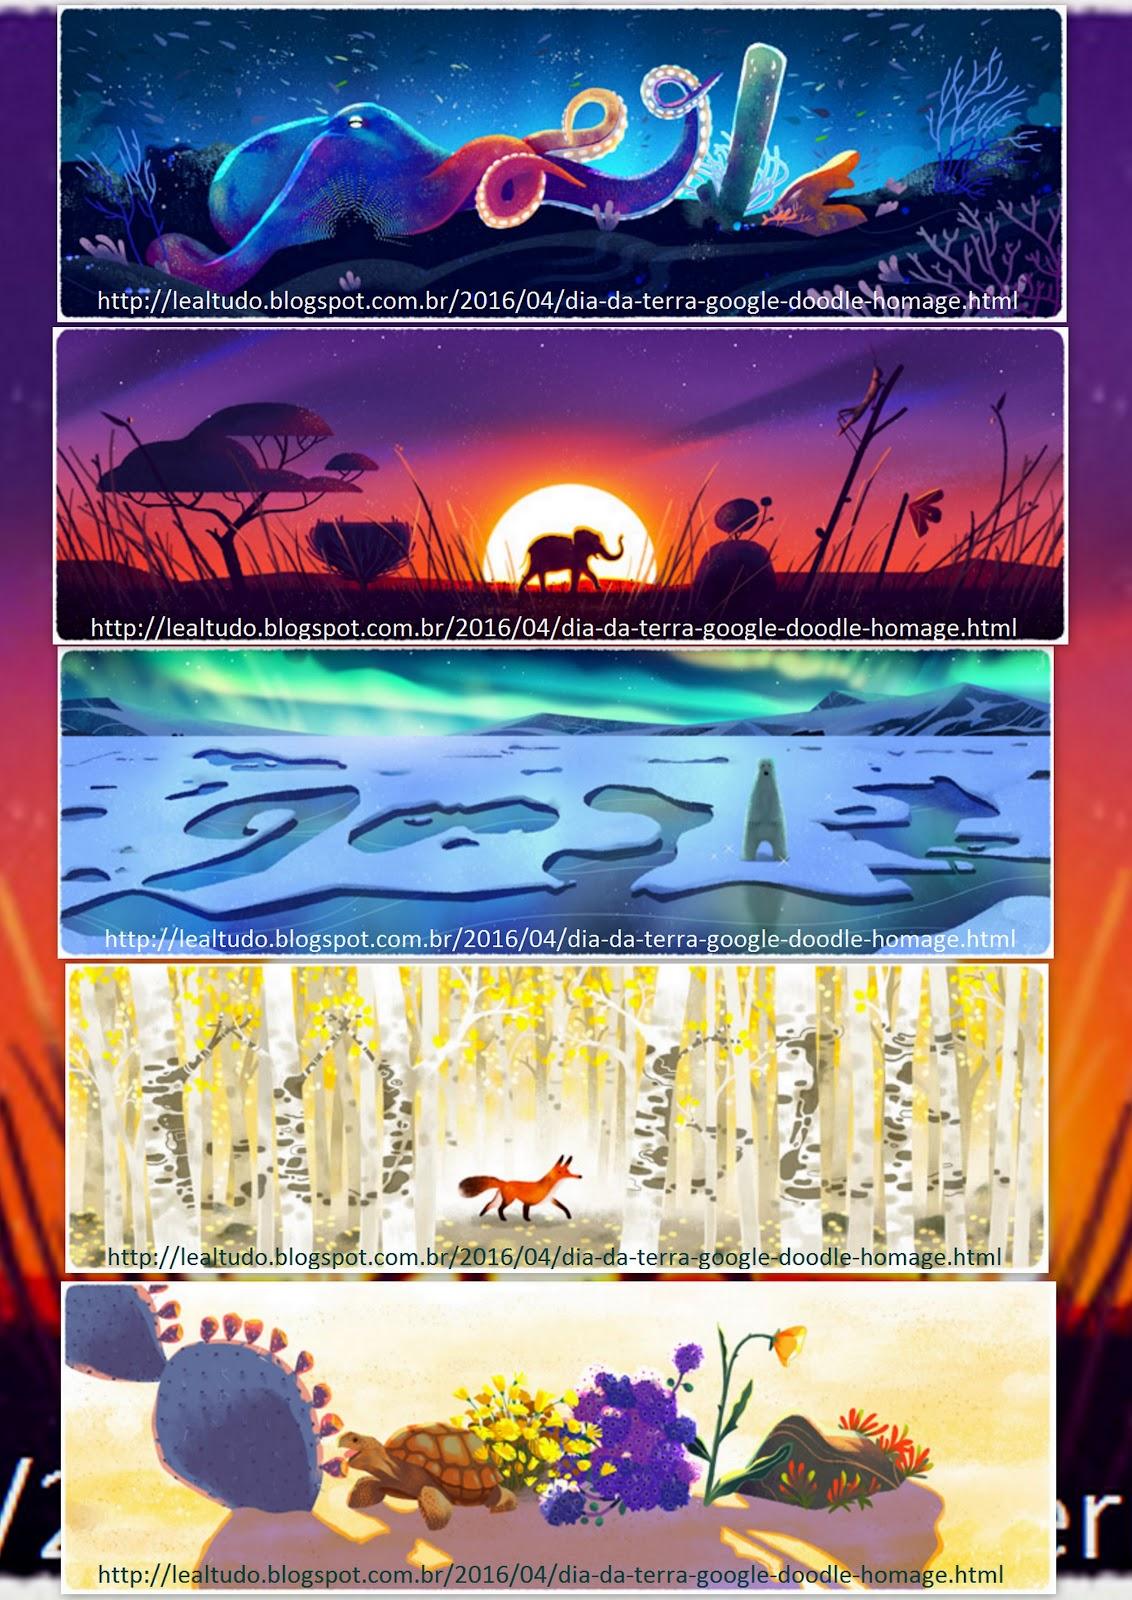 Dia da Terra Google Doodle Homage Homenagem 22 04 2016 LeaLTudo Colagem com Todos